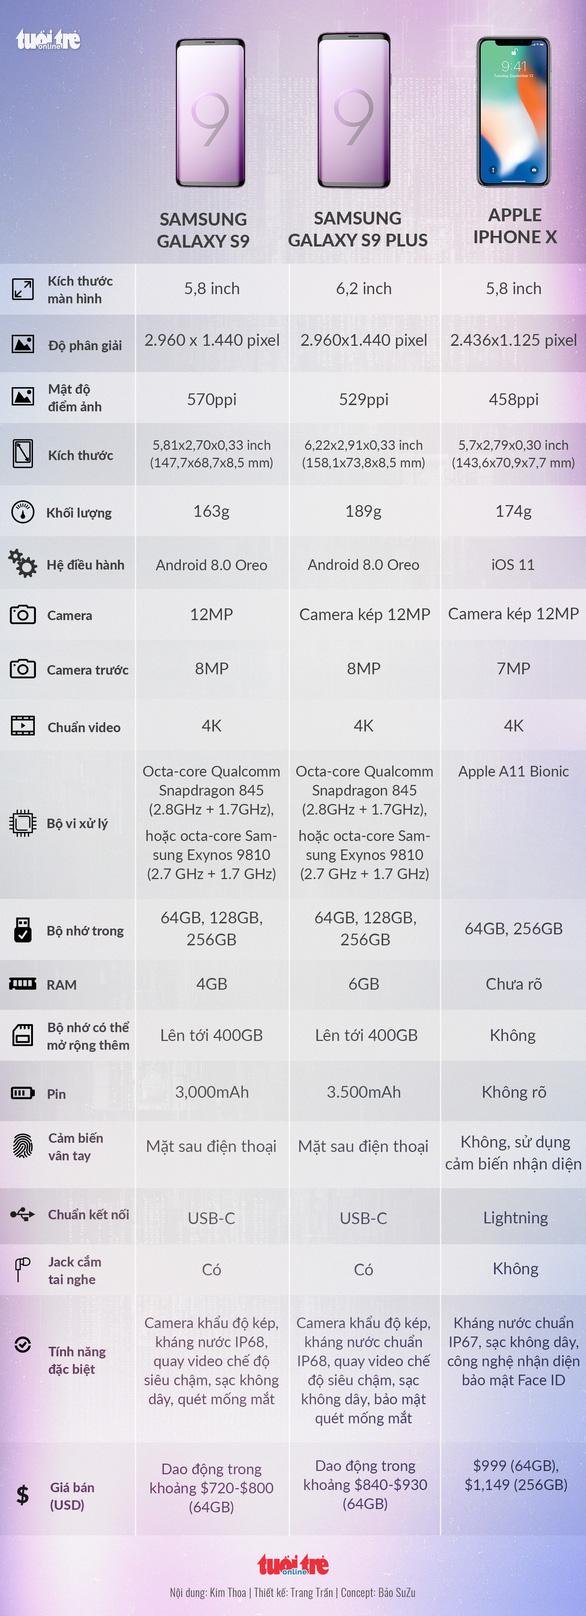 S9 và S9+ có gì trội hơn những điện thoại khác? - Ảnh 3.